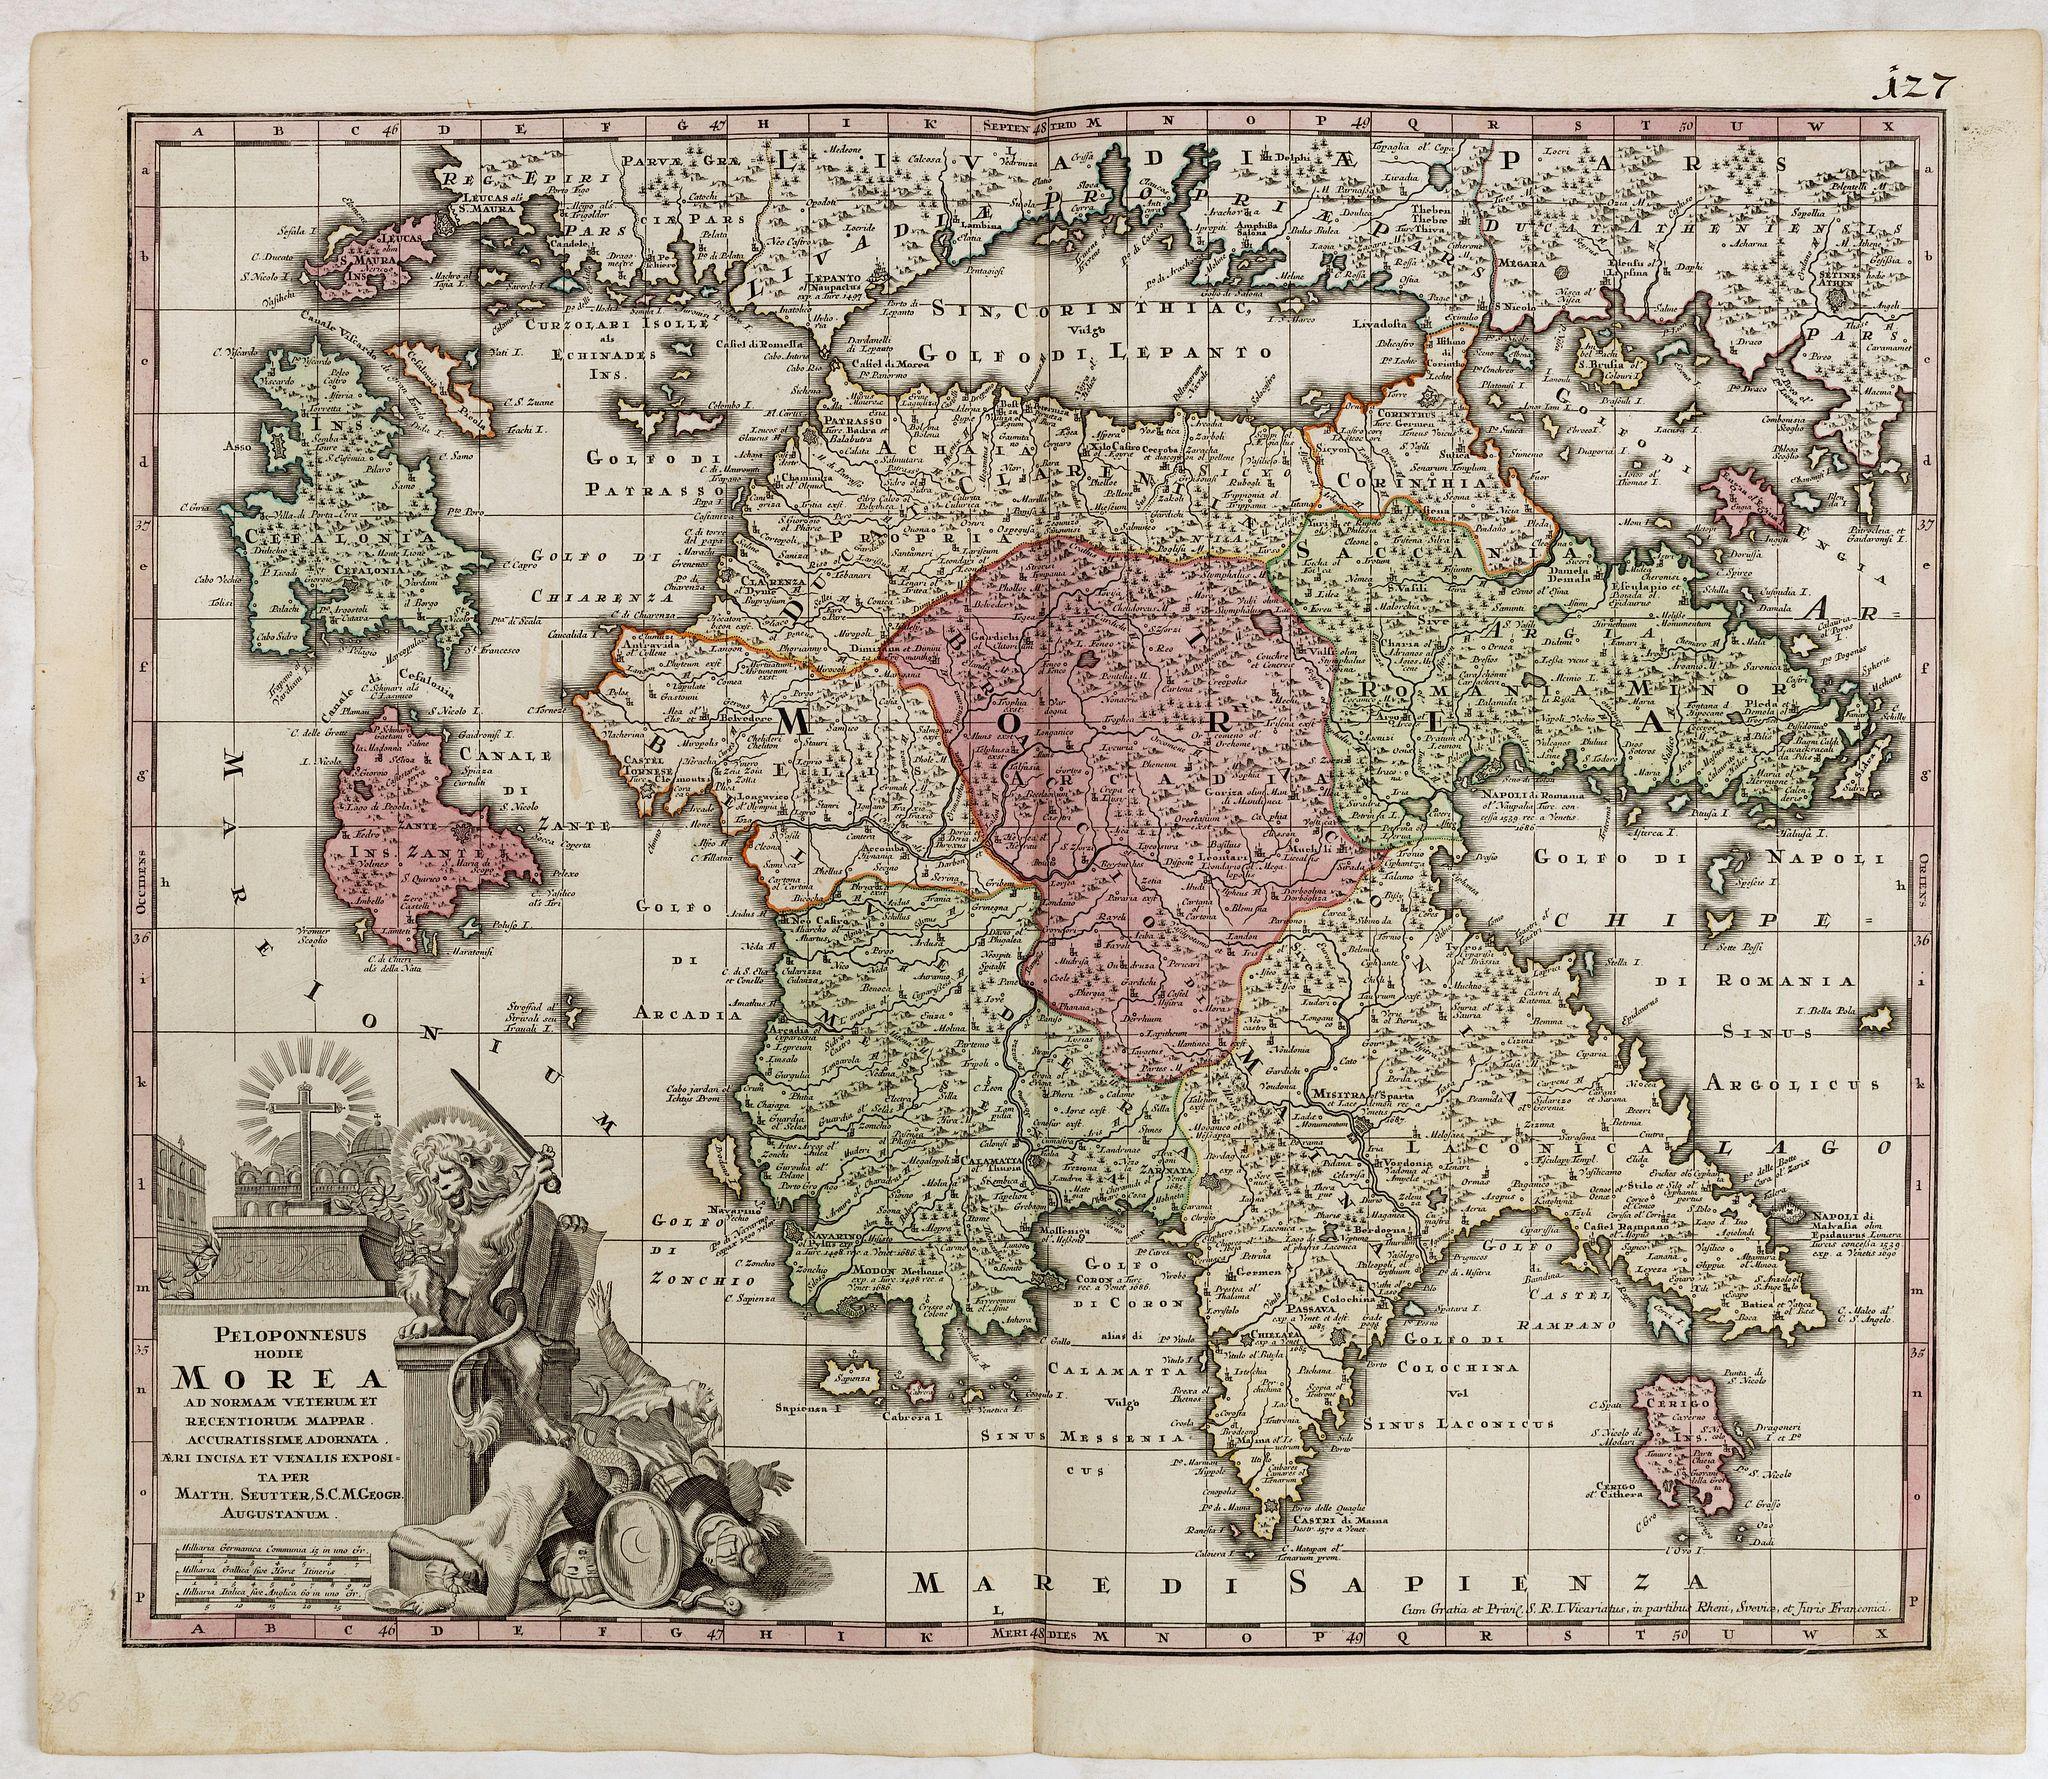 SEUTTER, M. -  Peloponnesus Hodie Morea Ad Normam Veterum Et Recentiorum Mappa Accuratissime Adornata Aeri Incisa Et Venalis. . .